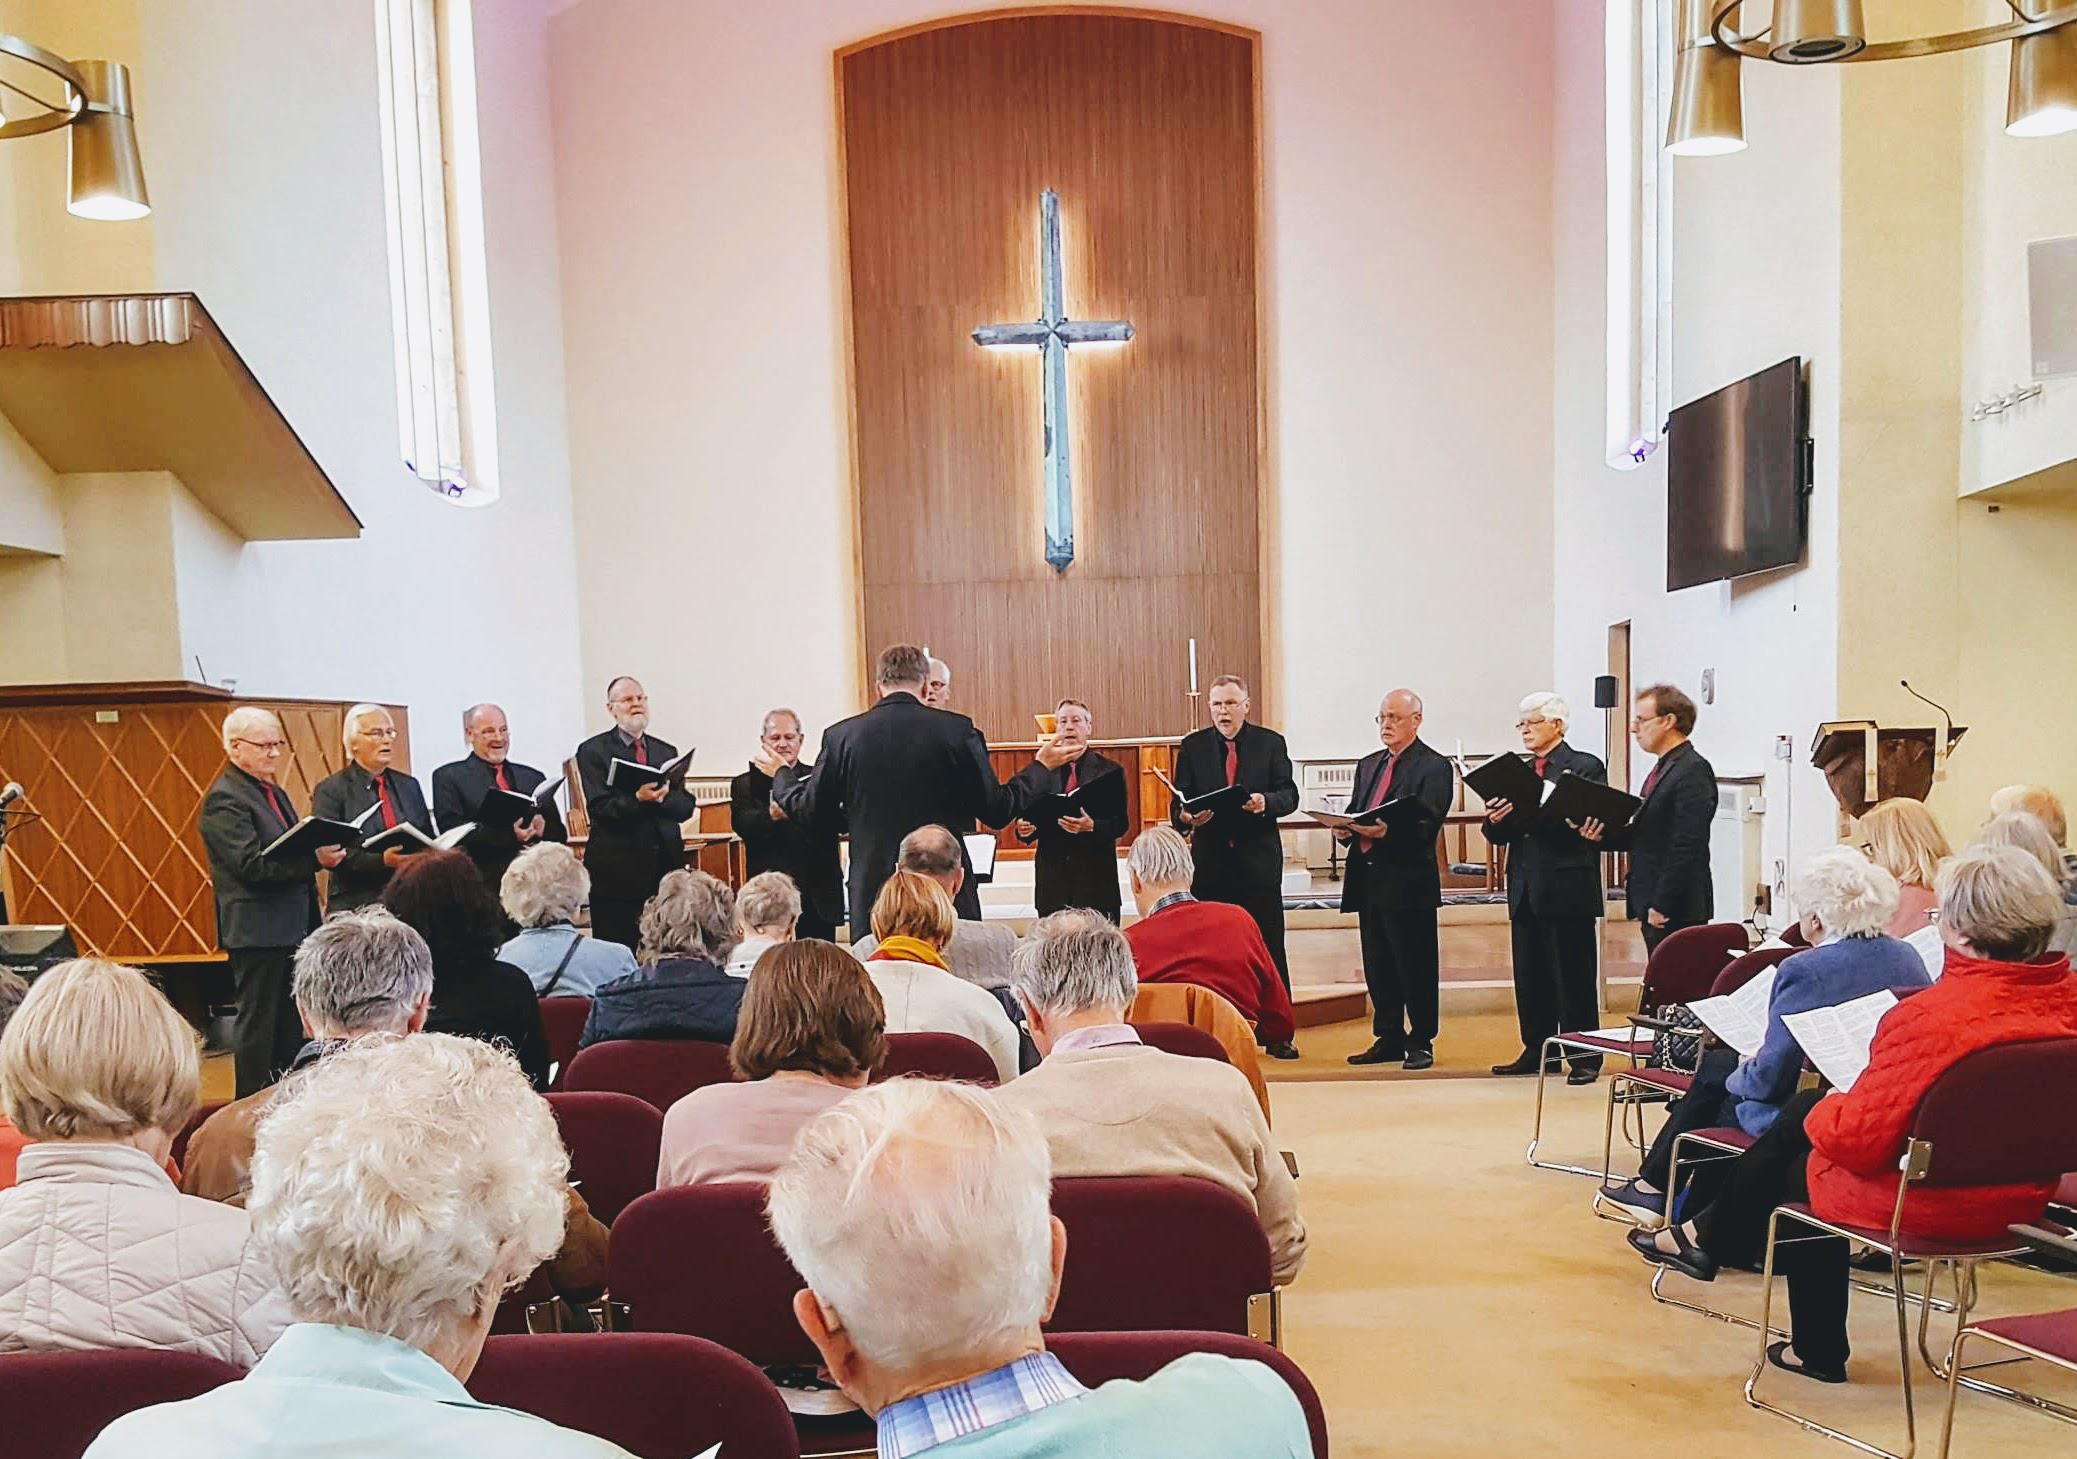 German choir Die Alten Knaben